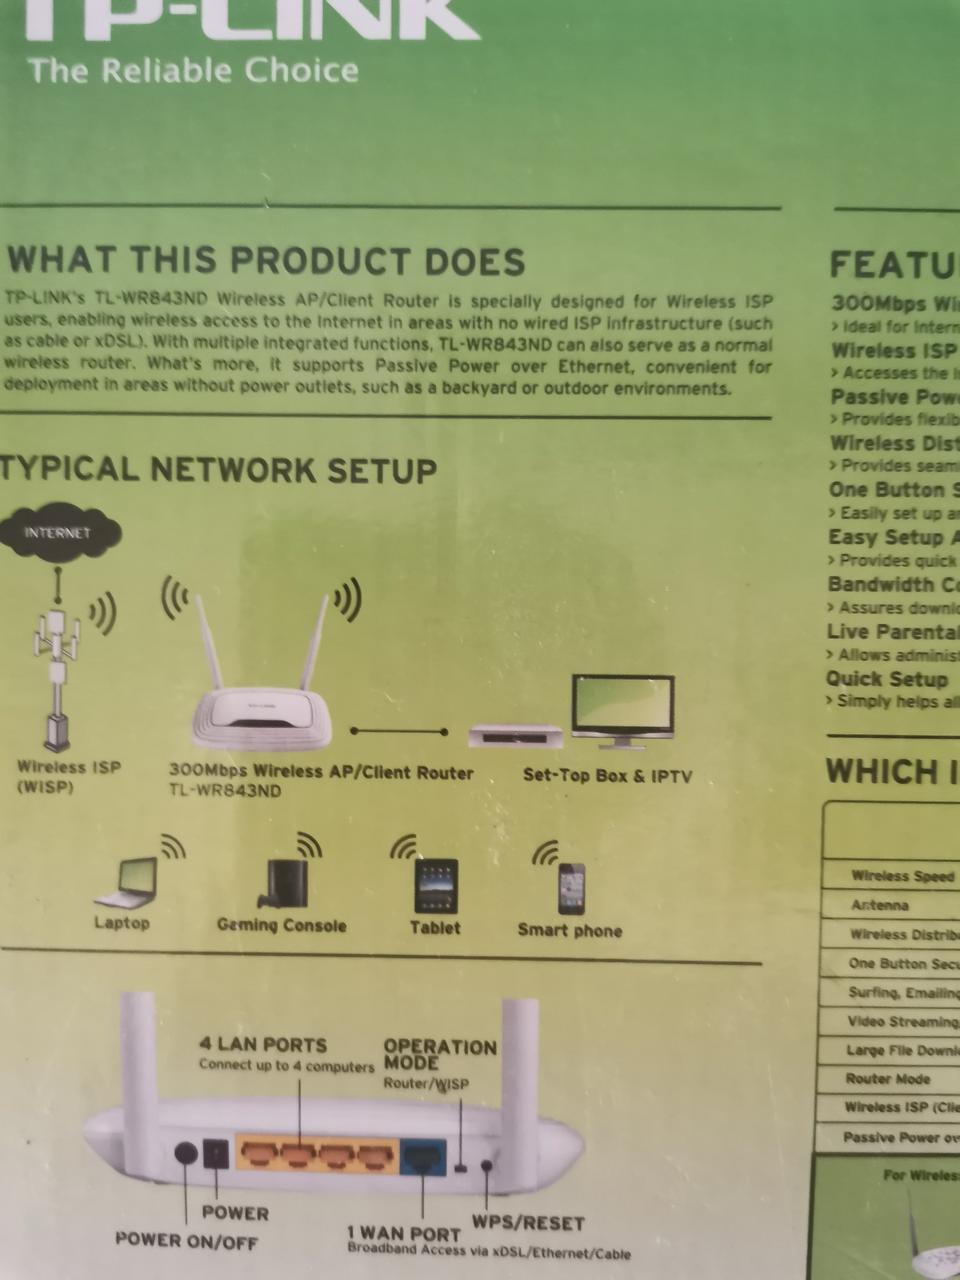 เร๊าเตอร์tplink tl3-wr843nd300mbpsสภาพใหม่แกะกล่องใช้งานได้ปกติ อุปกรณ์ครบ  รูปที่ 4